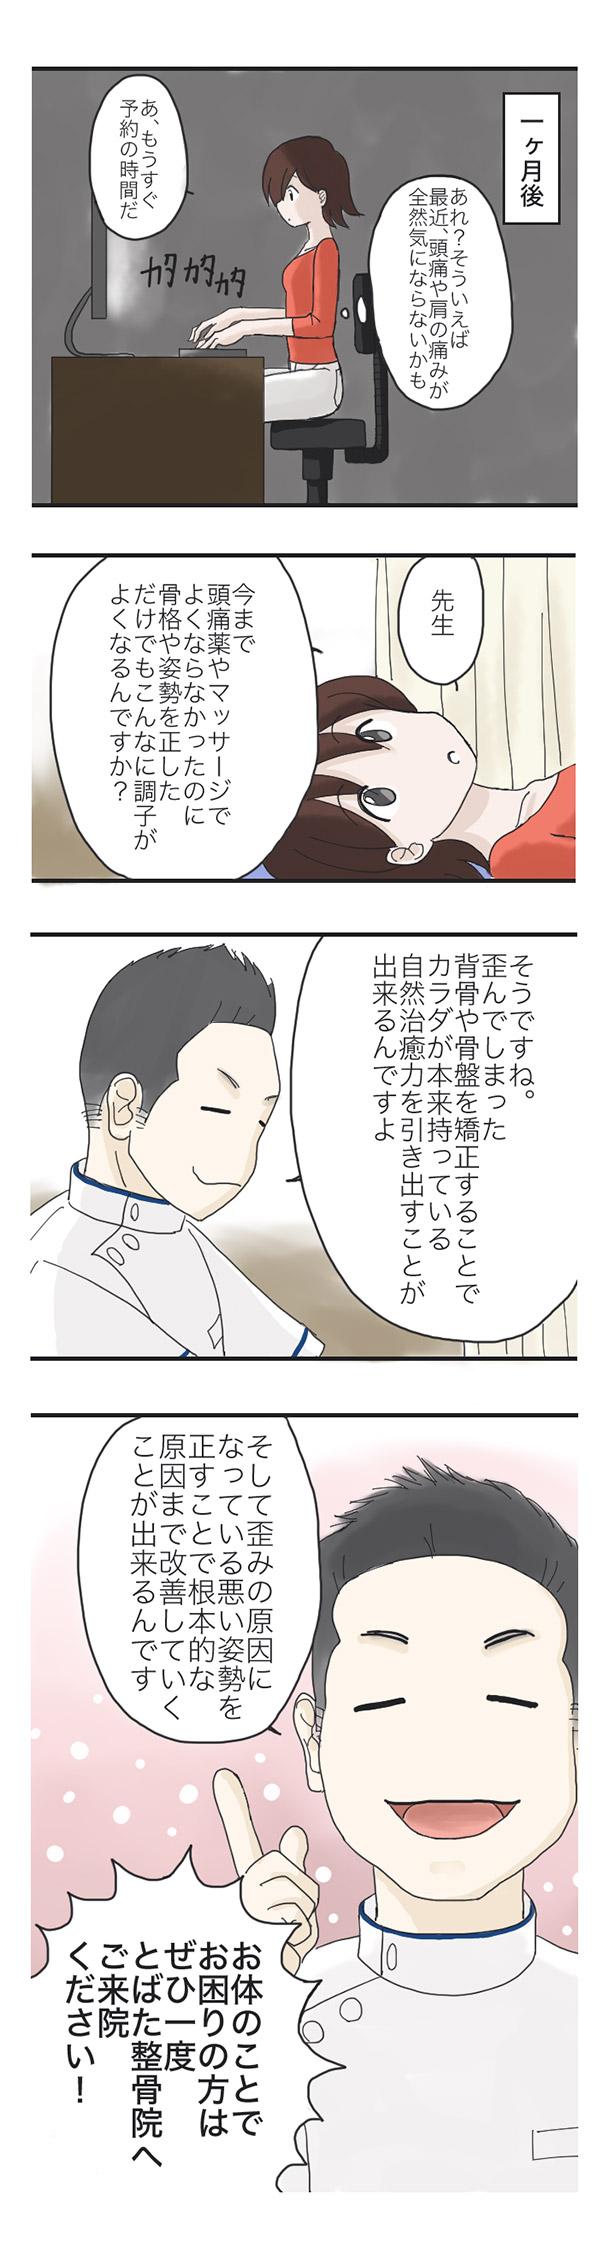 肩こりマンガ3